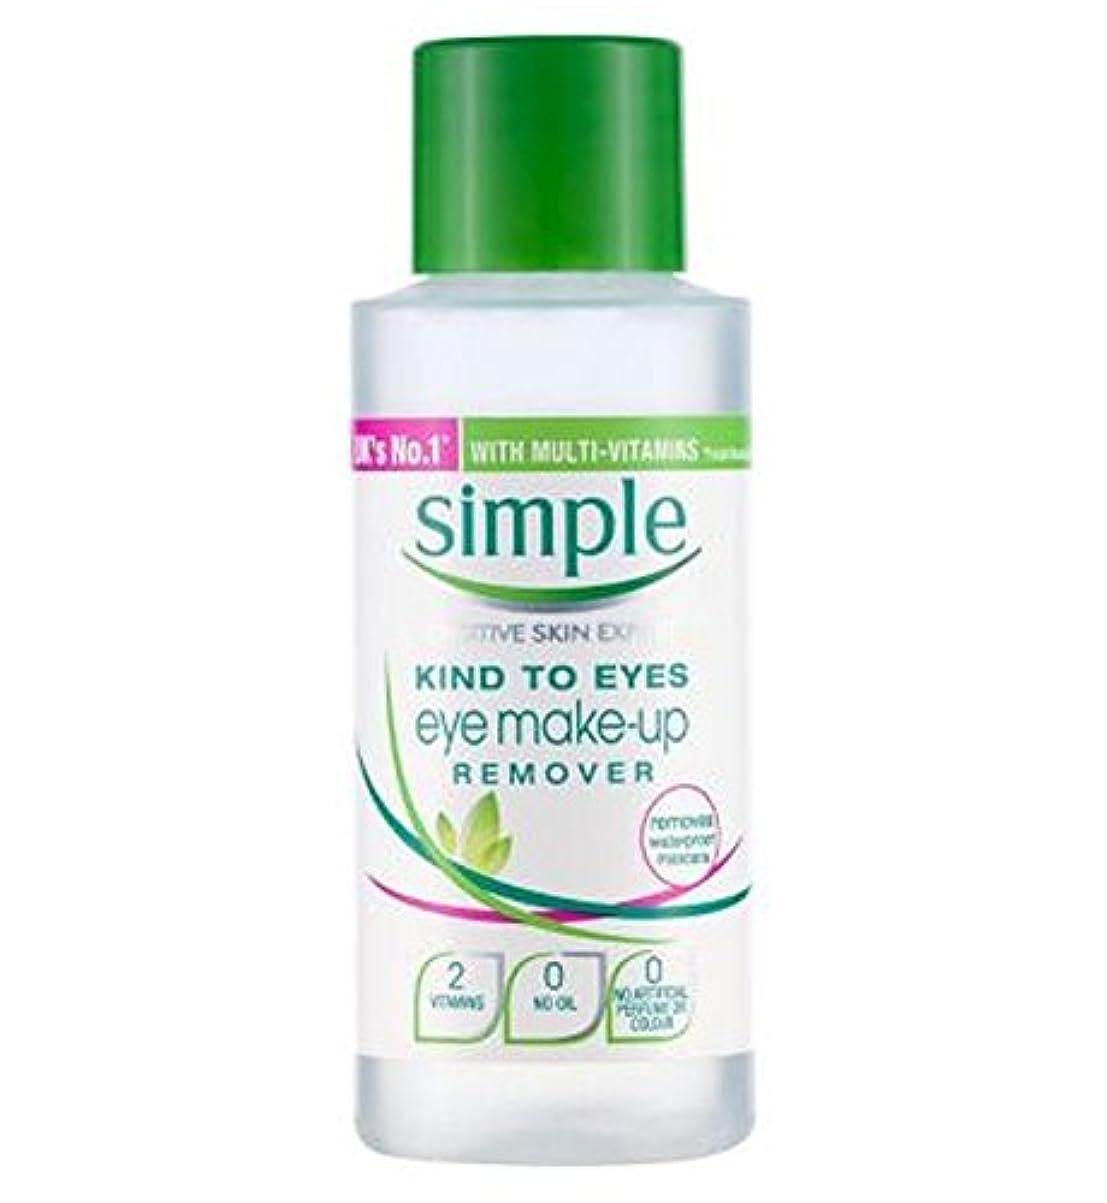 領事館無意識滑りやすいSimple Kind to Eyes Eye Make-Up Remover 50ml - 目のアイメイクアップリムーバーの50ミリリットルへの単純な種類 (Simple) [並行輸入品]